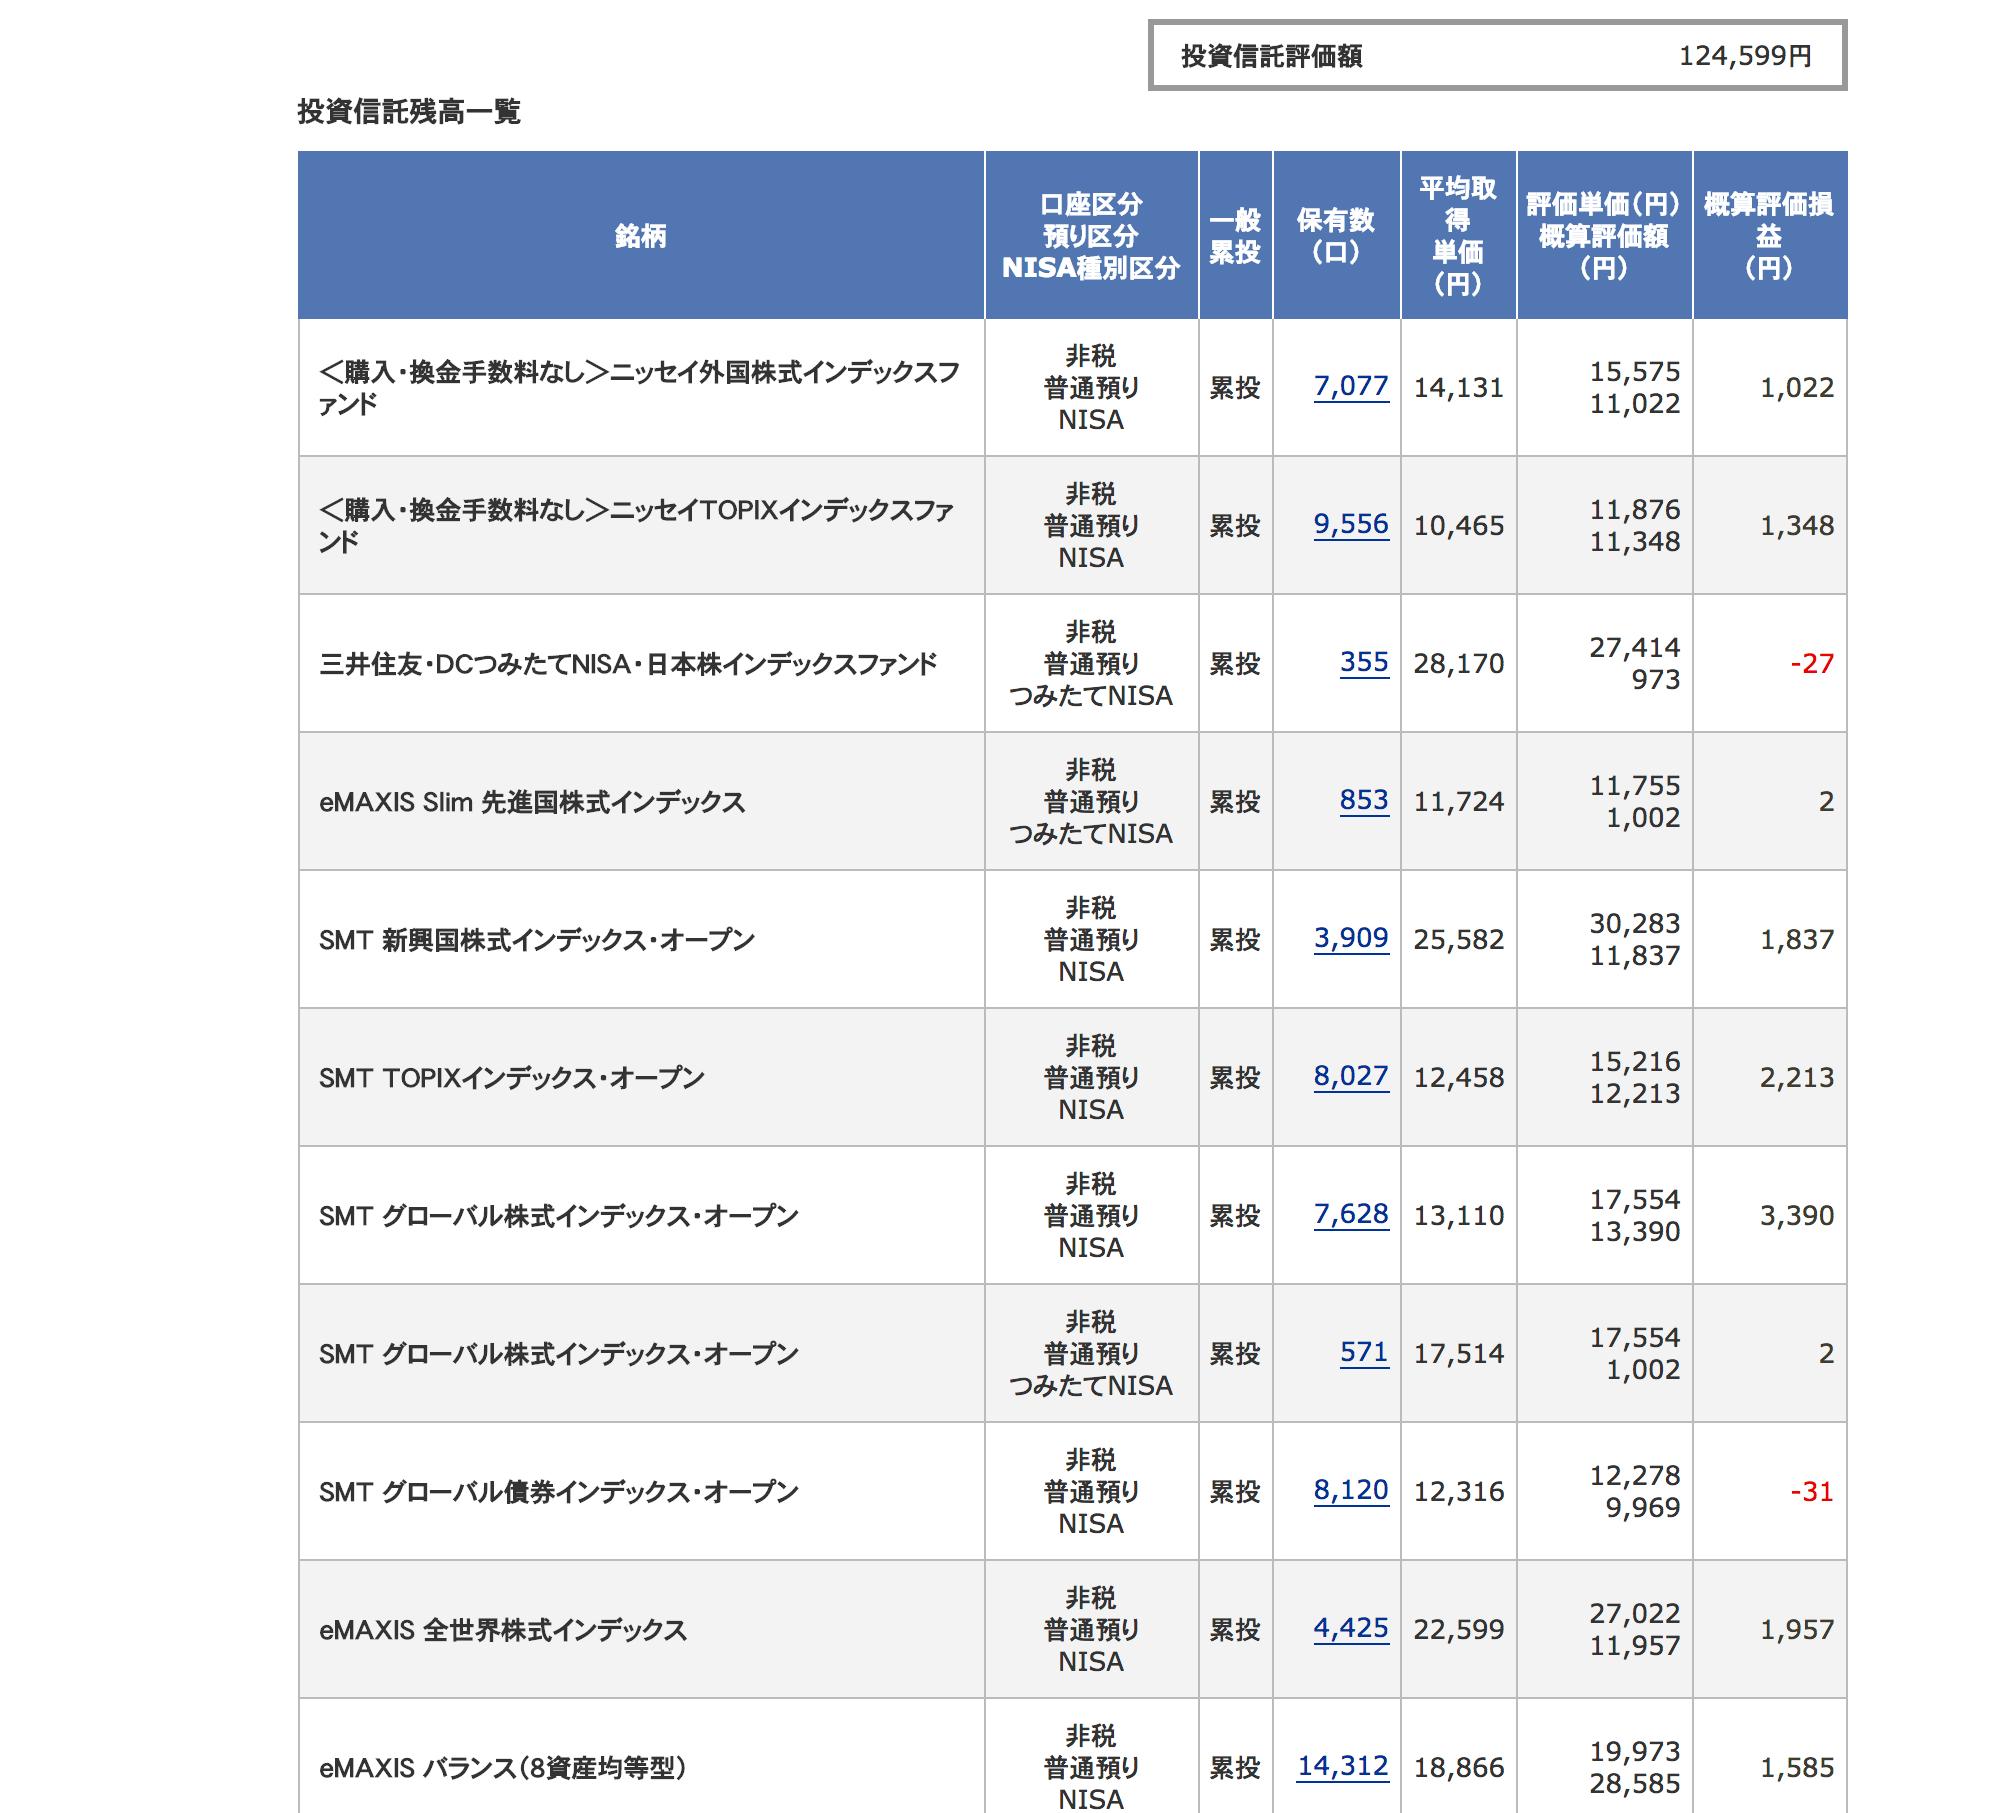 投資信託結果 20180131-1